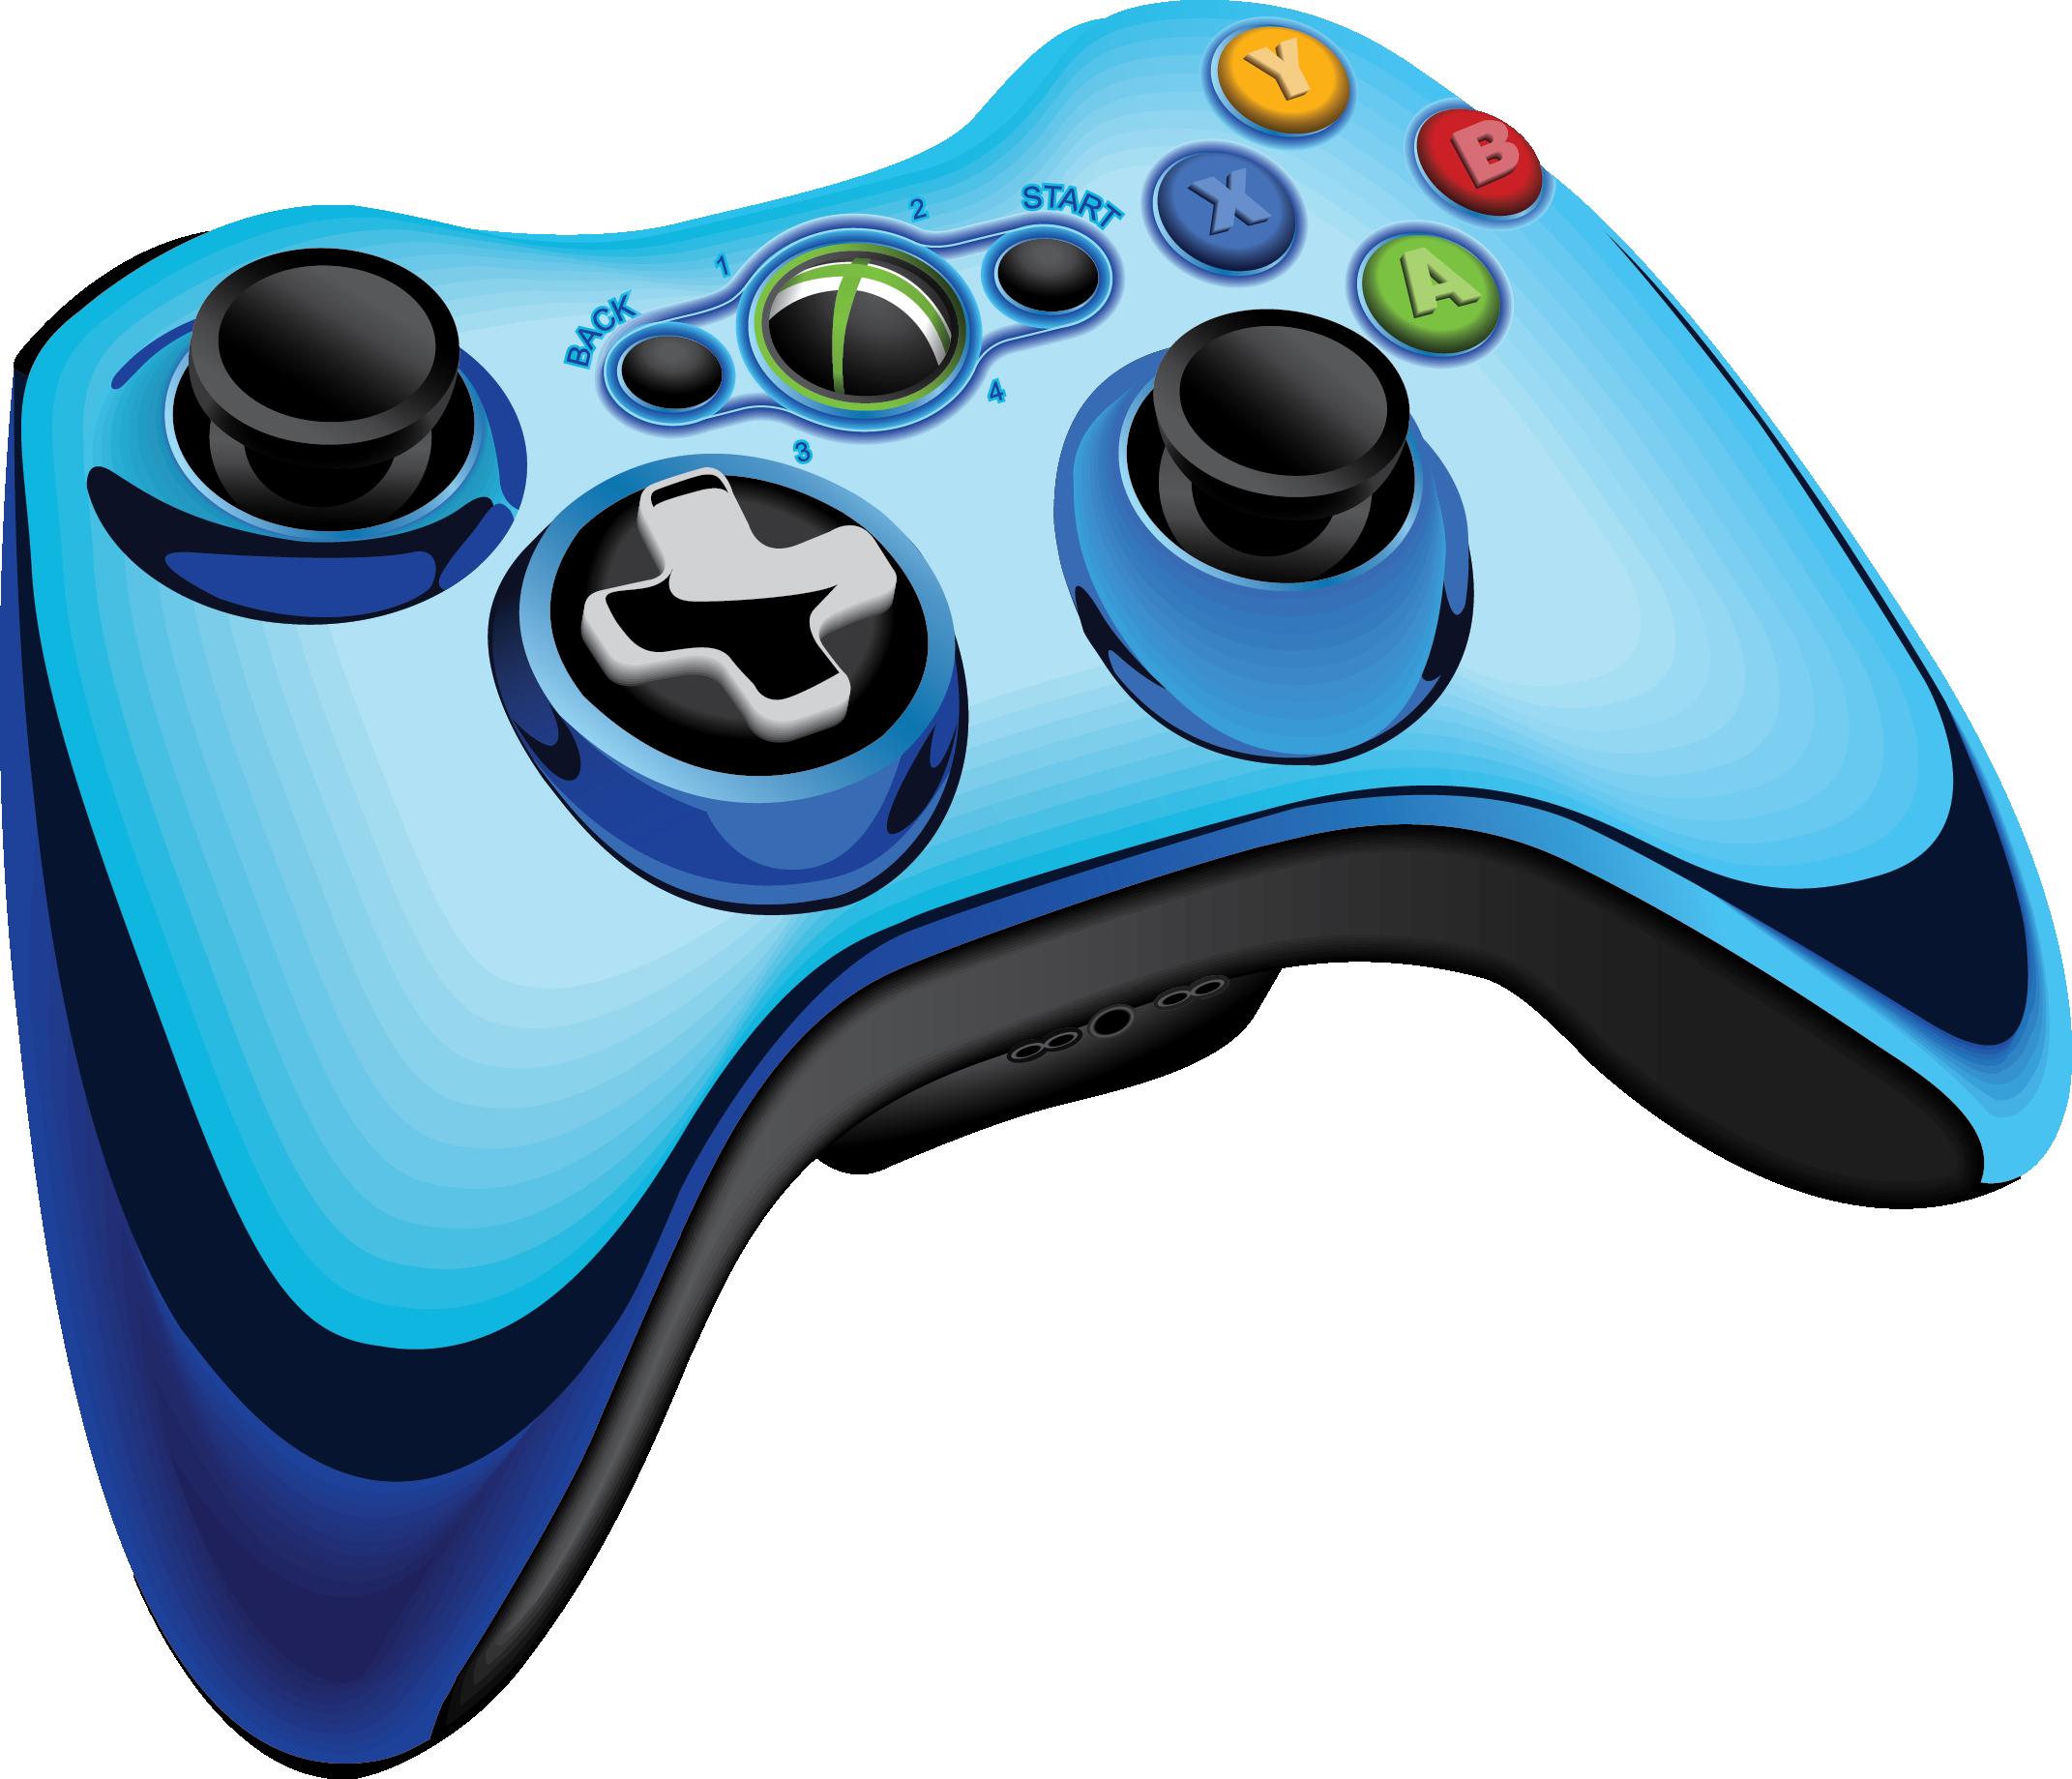 2142x1839 Xbox 360 Controller Game Controller Joystick Video Game